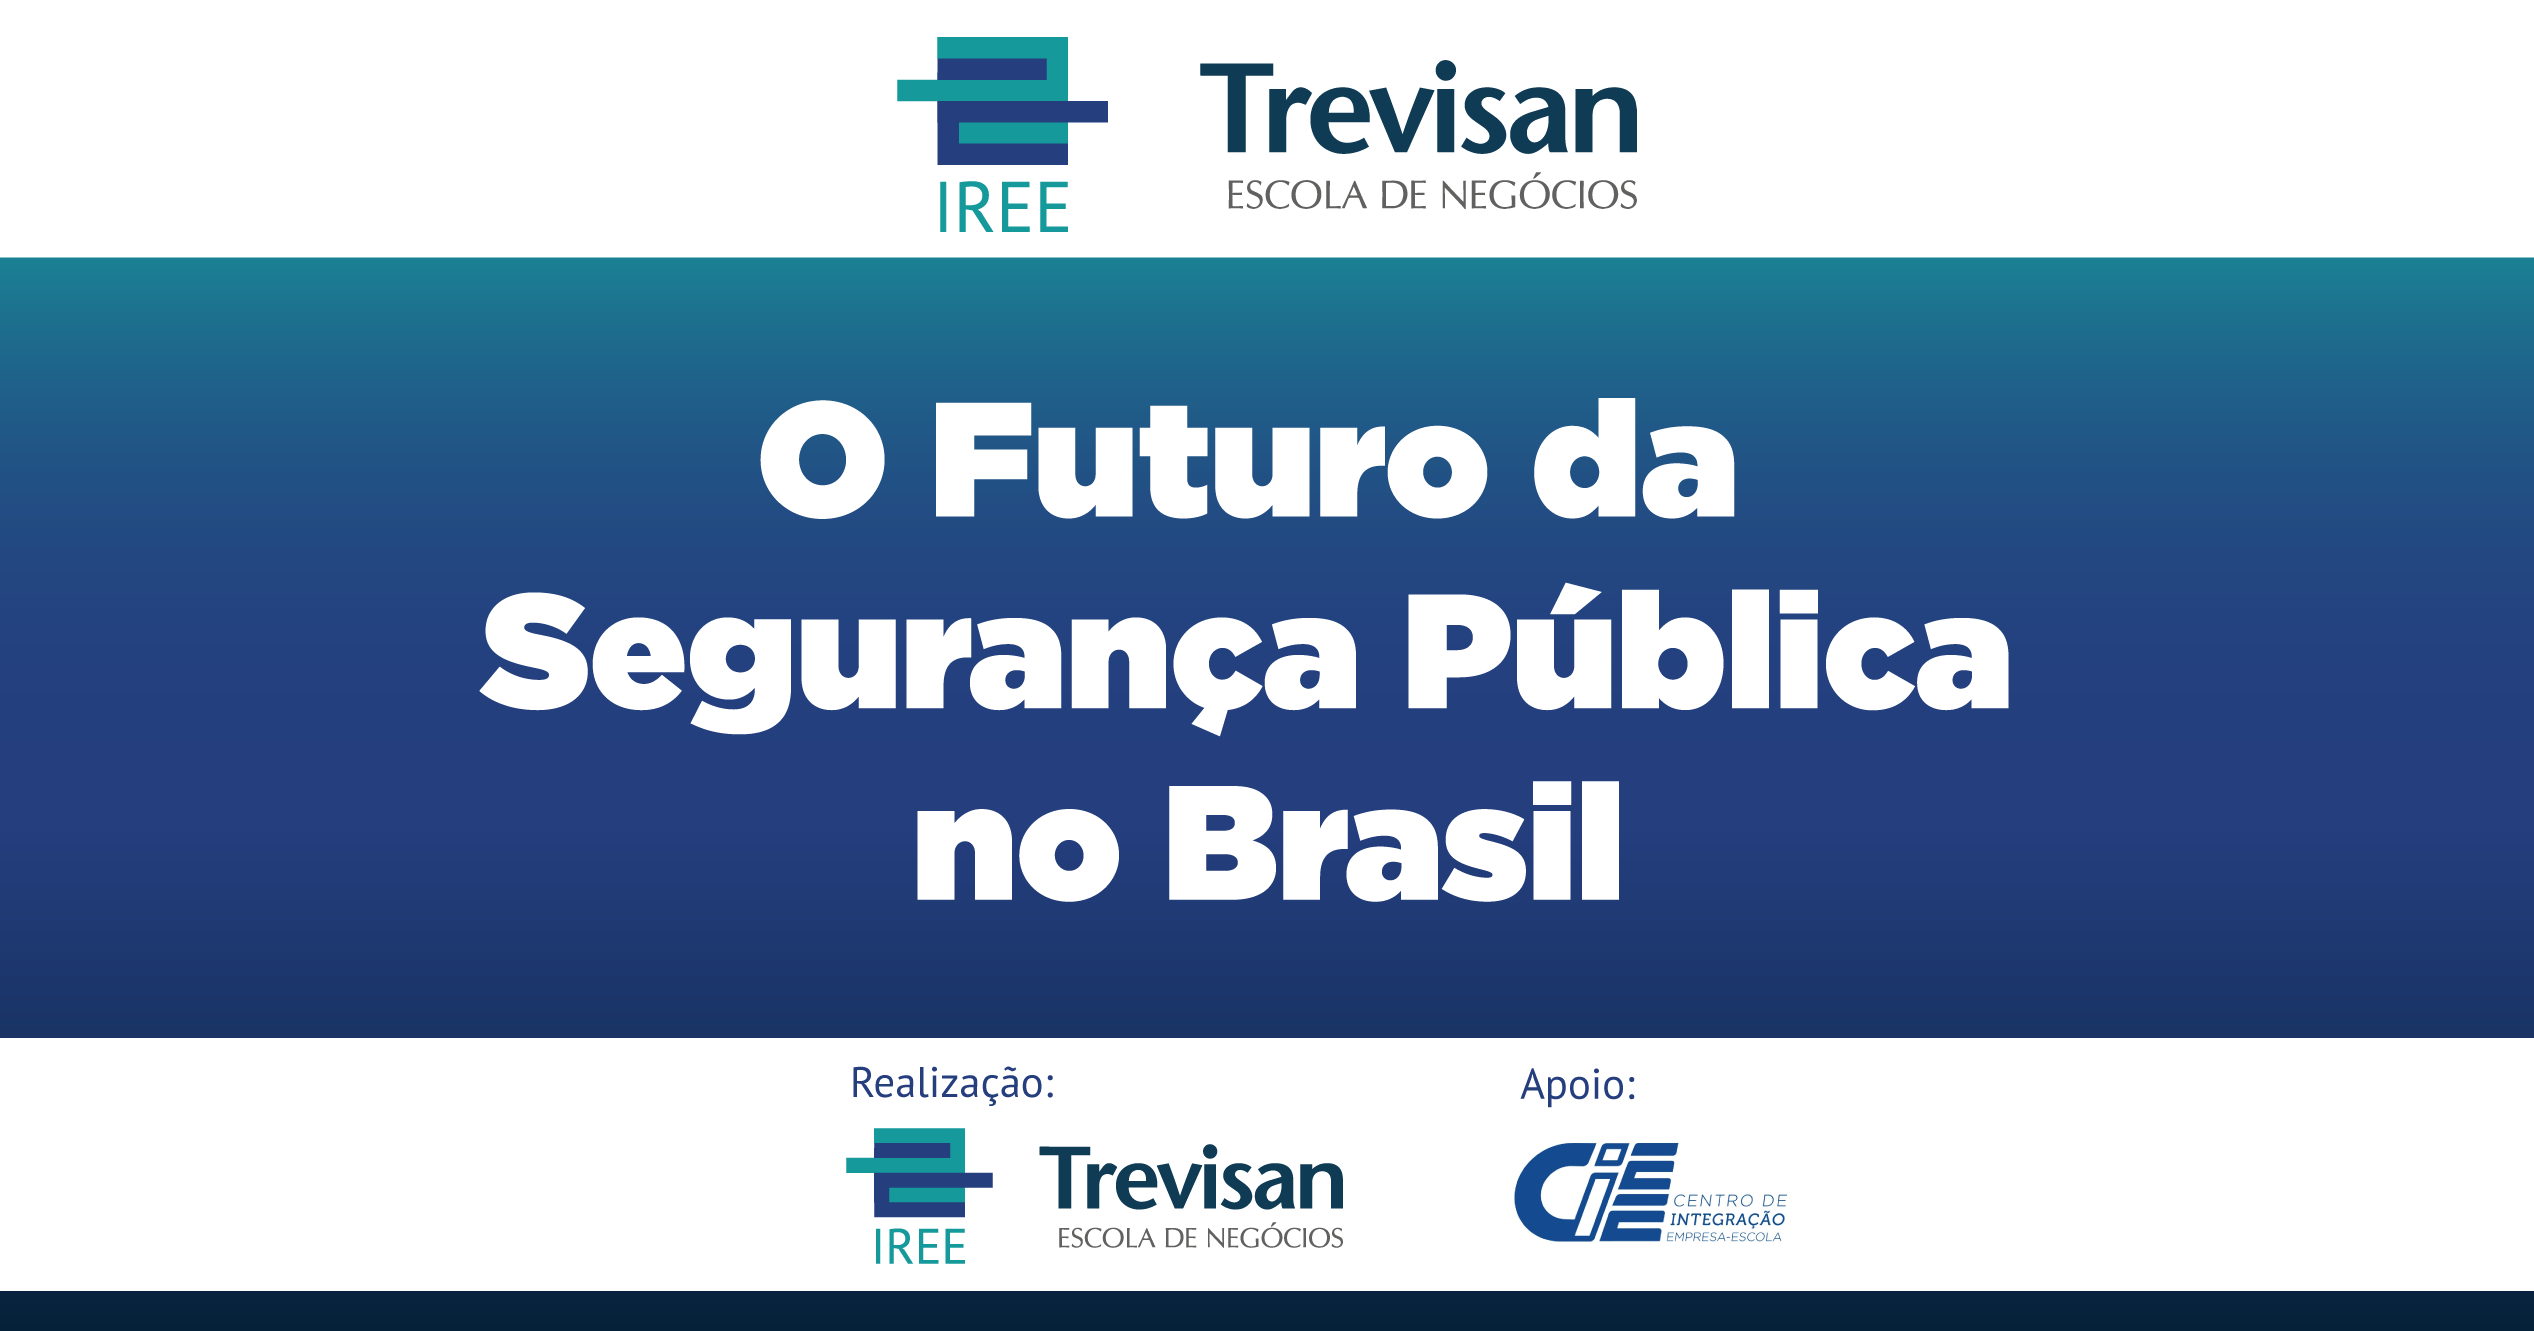 Save the Date: O Futuro da Segurança Pública no Brasil